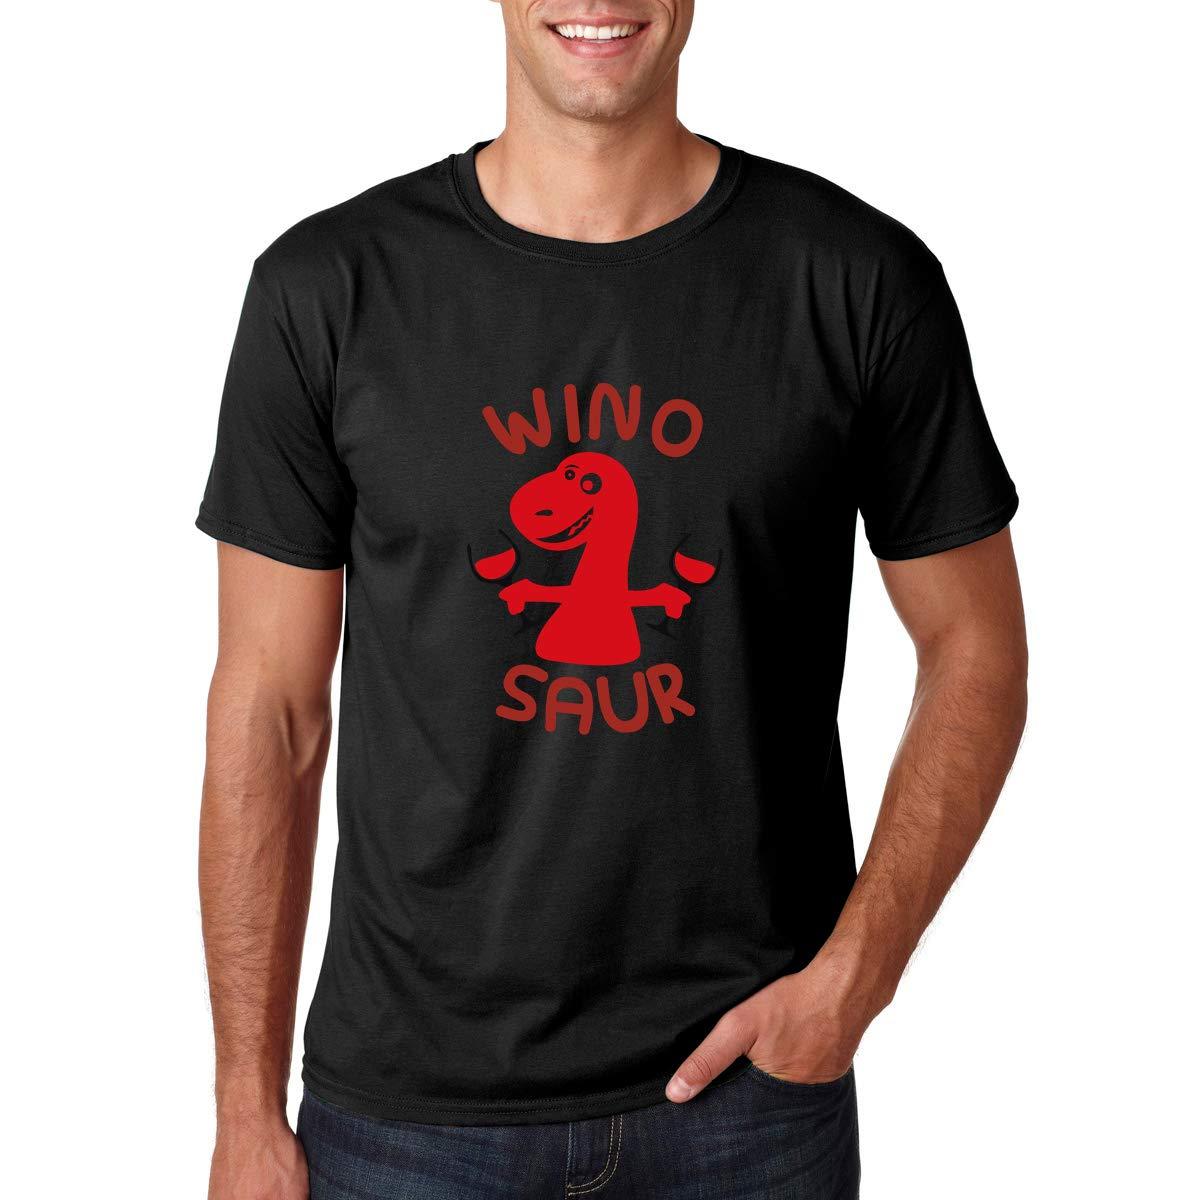 Wino Saur Winosaurus Wine Drinking Dinosaur Winosaur Animal And Wine Lover Pun S Shirts